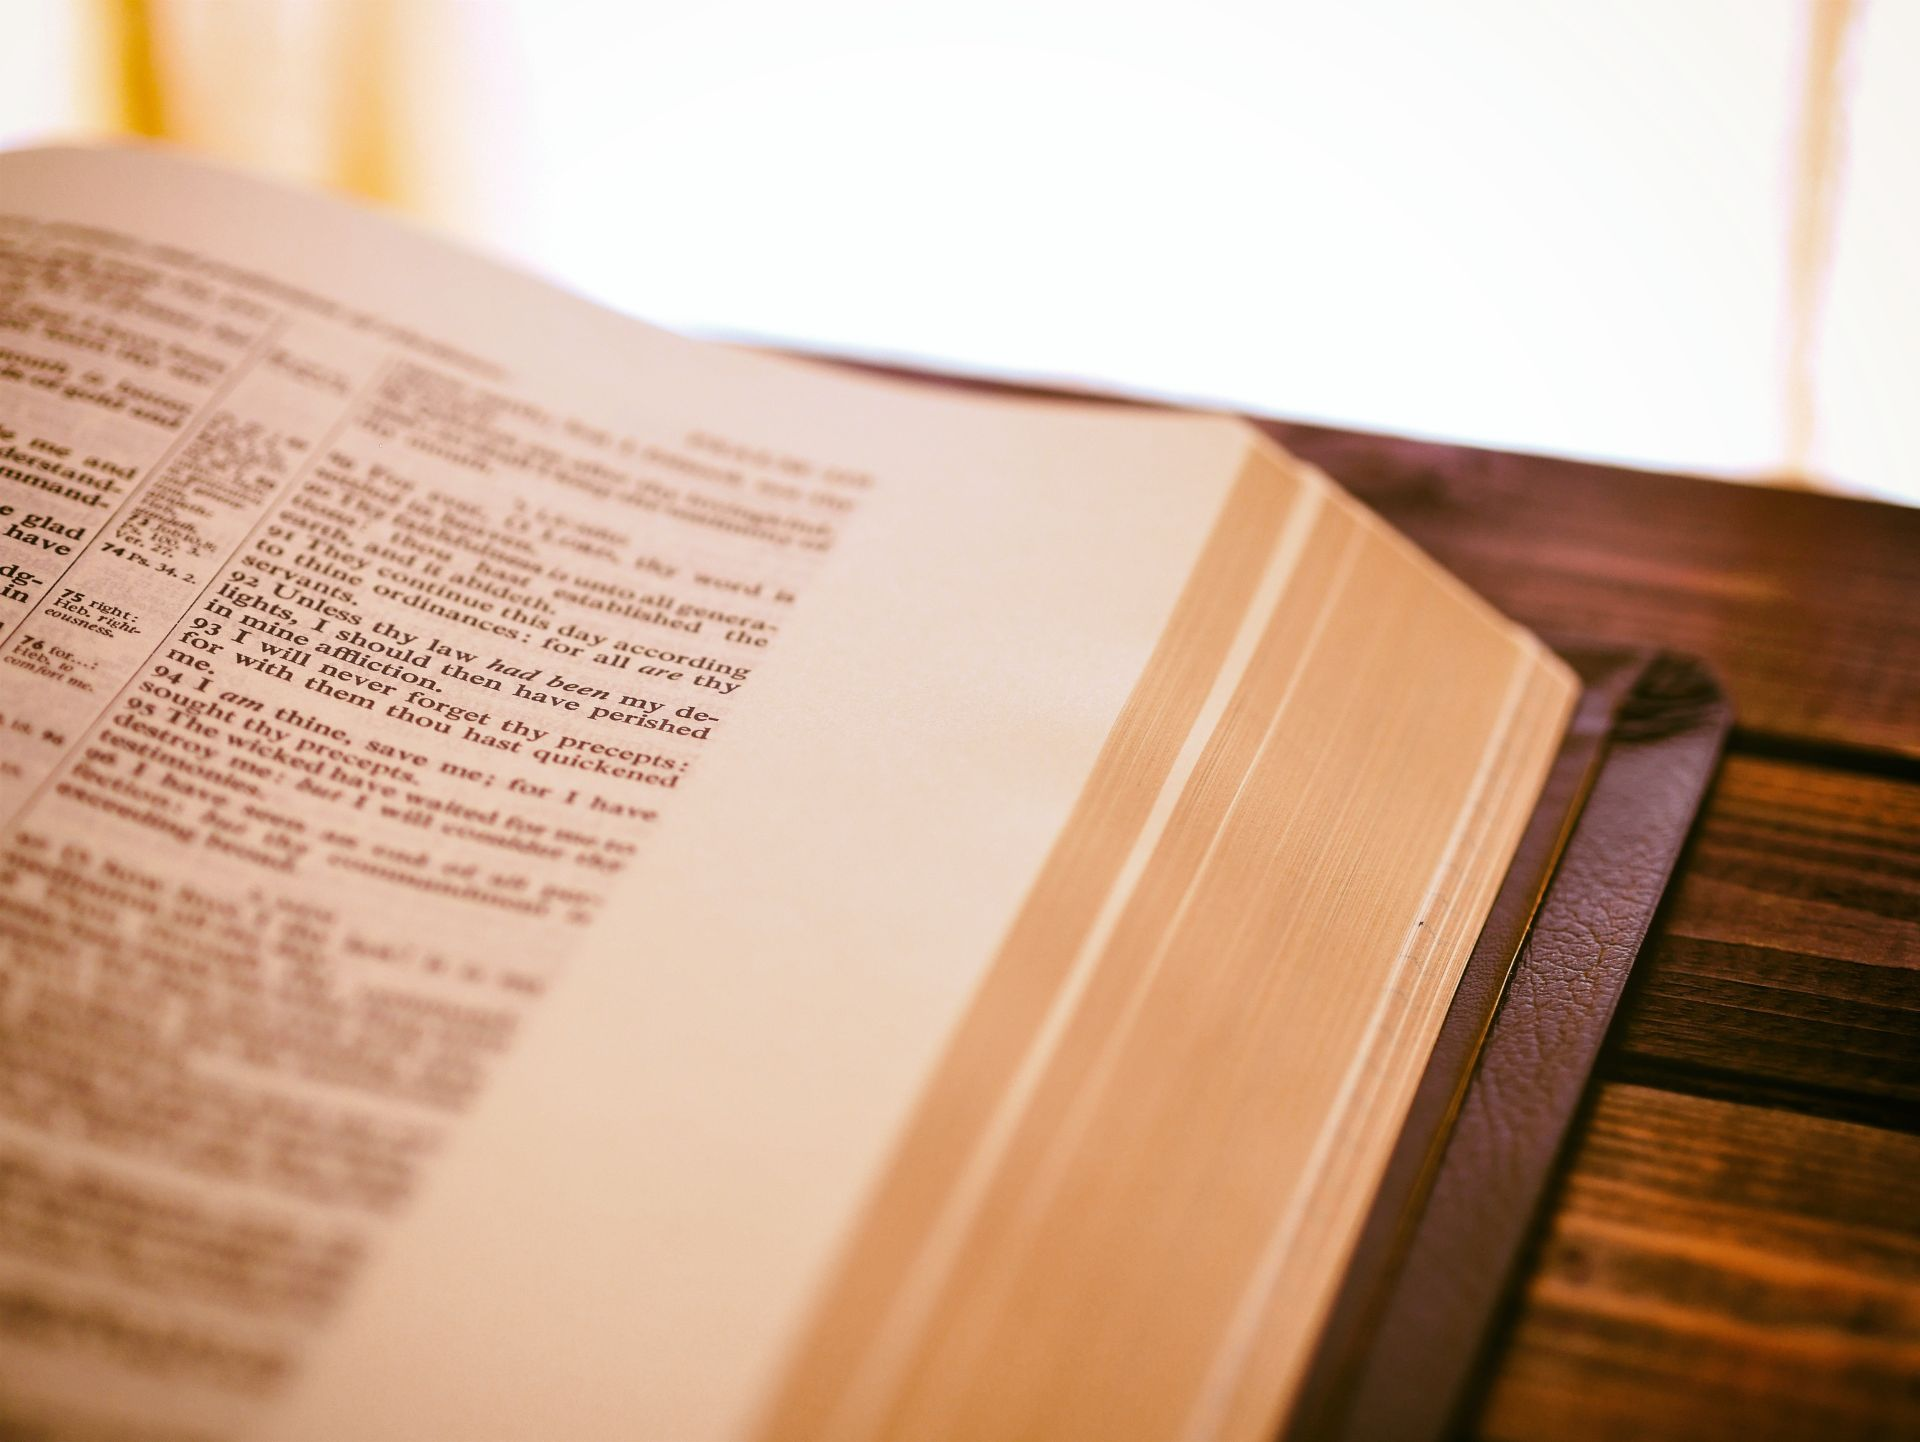 słownik papierowy - zdjęcie wprowadzające